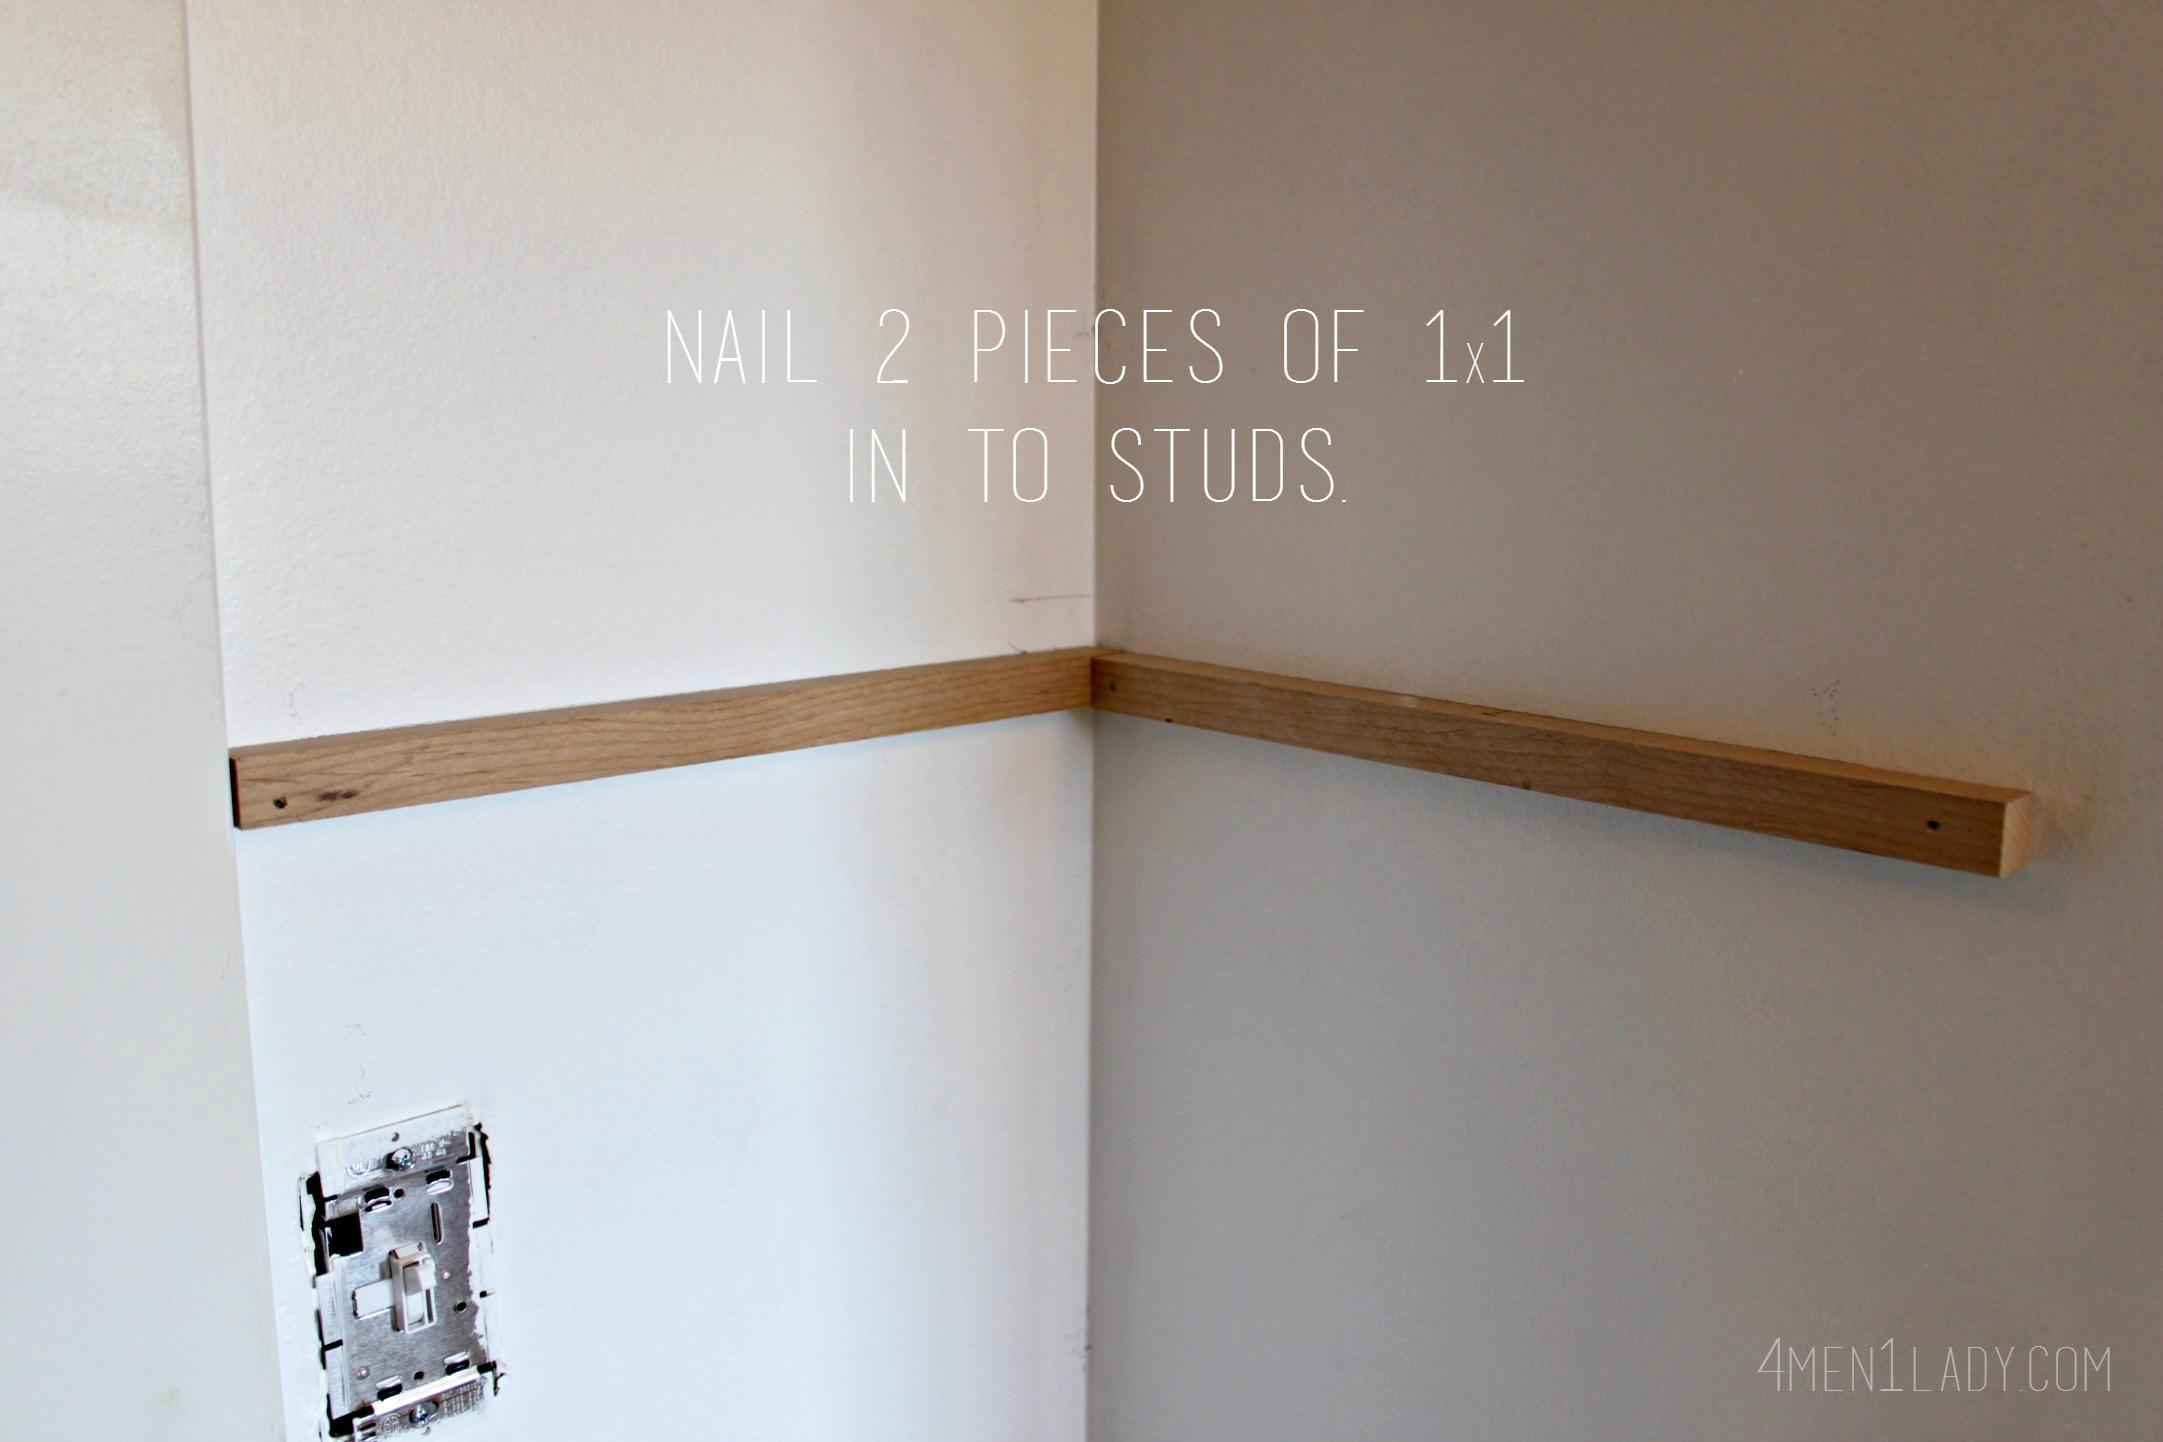 Floating Shelves No Nails | Credainatcon.com